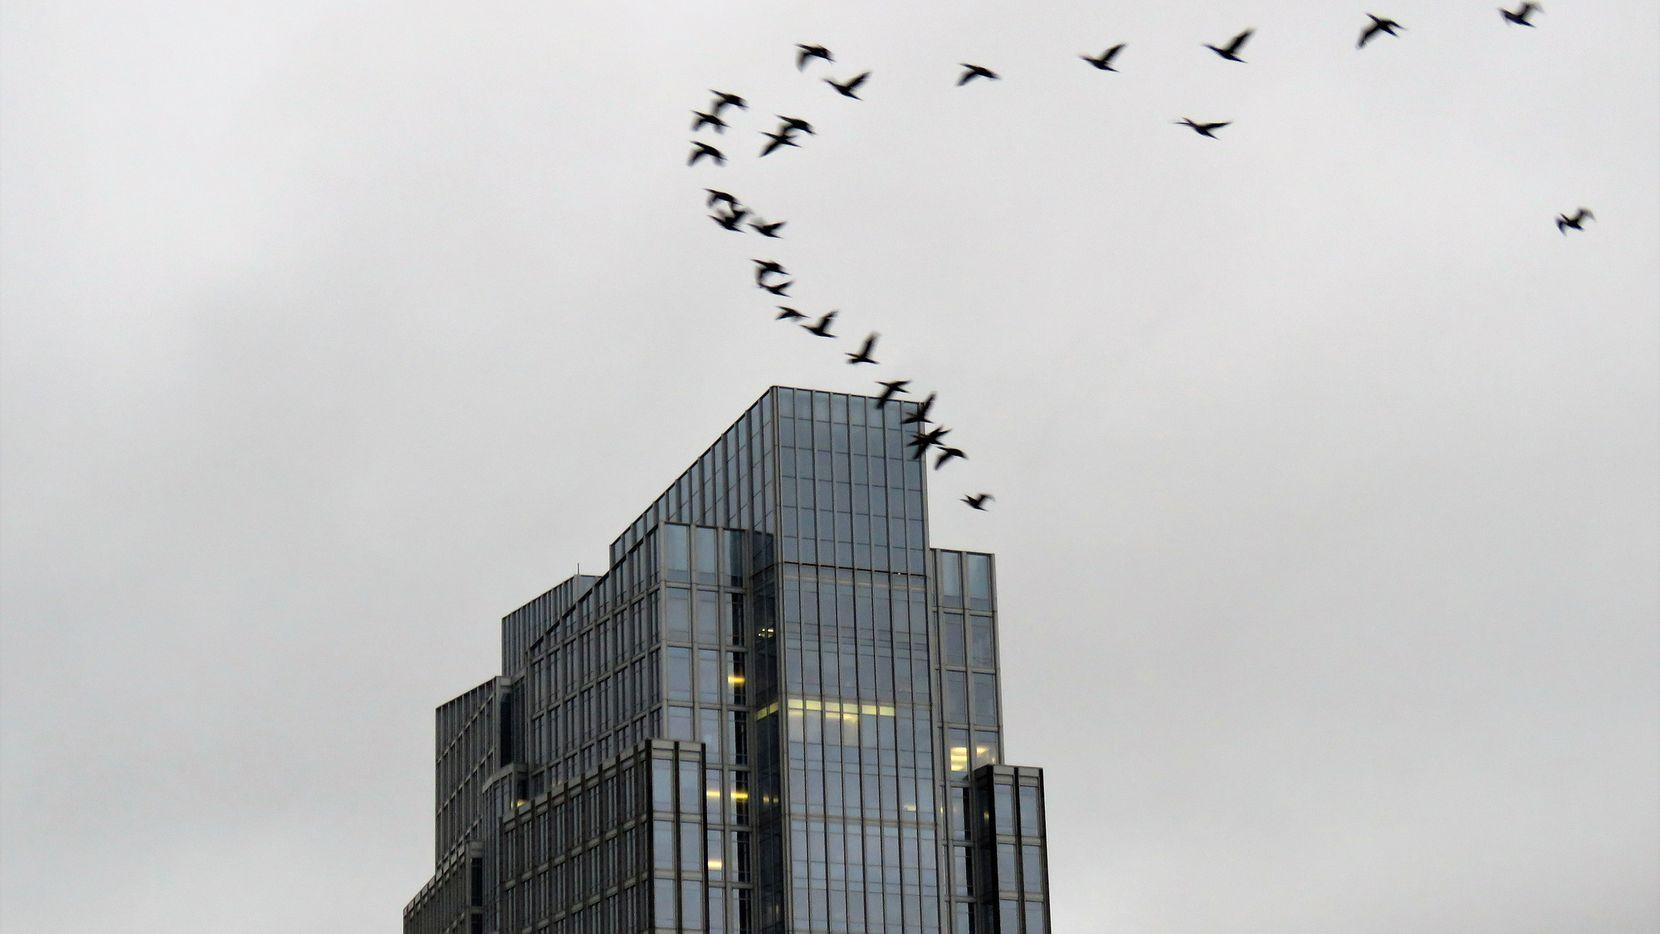 Una de cada tres aves que migran en Estados Unidos pasan por Texas y Fort Worth apagará las luces de sus edificiones para facilitar su paso.